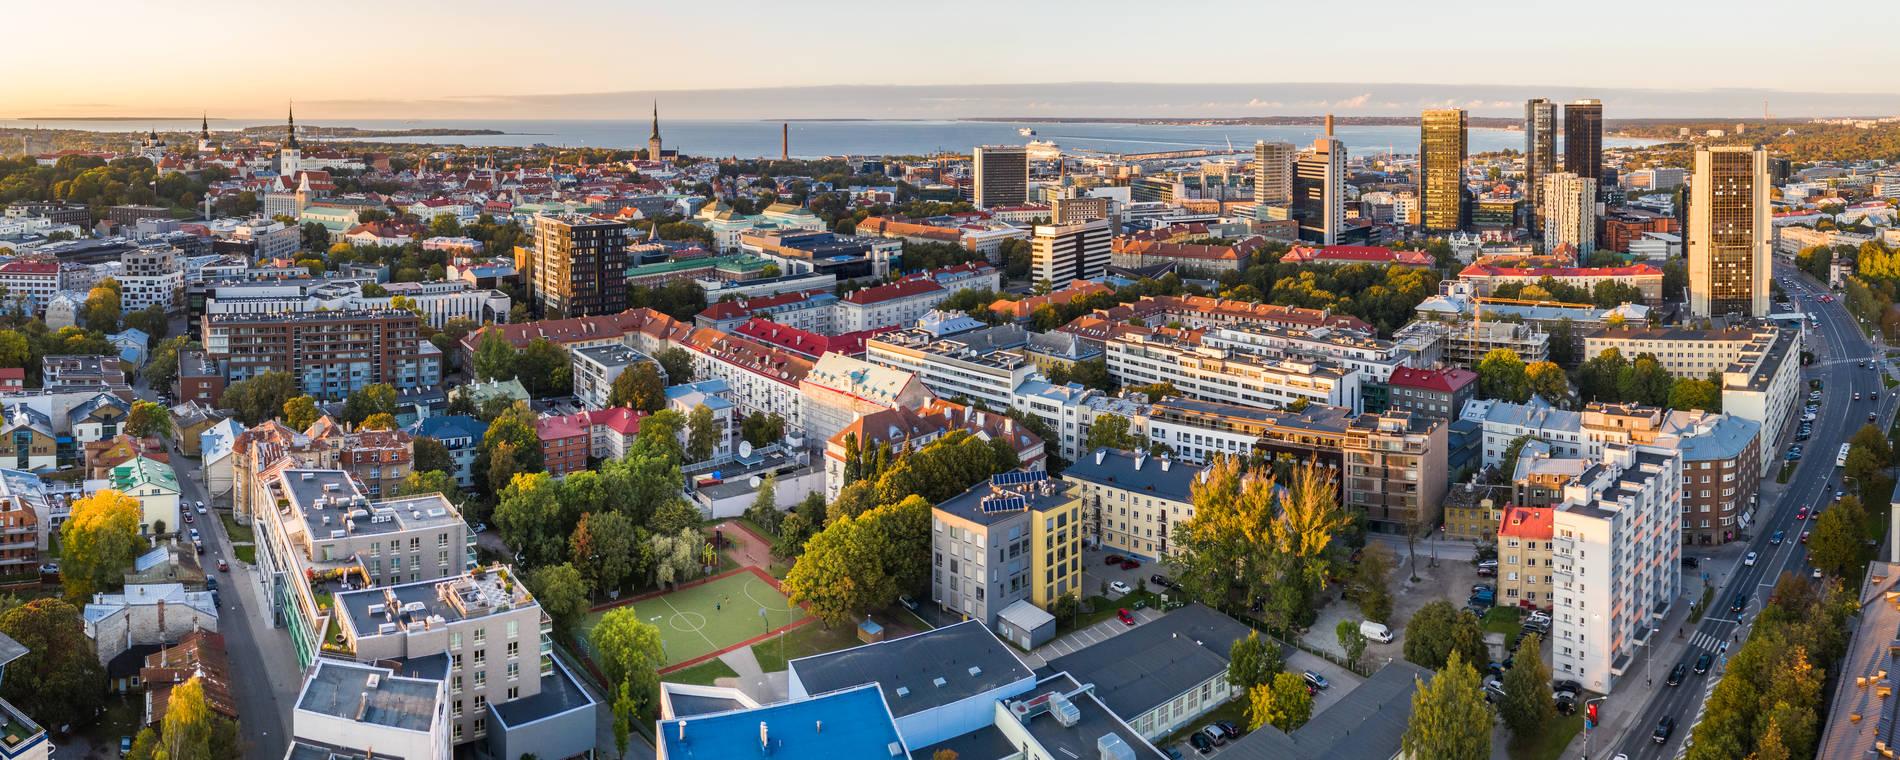 Vaade kesklinna hoonetele Tallinnas, Eestis